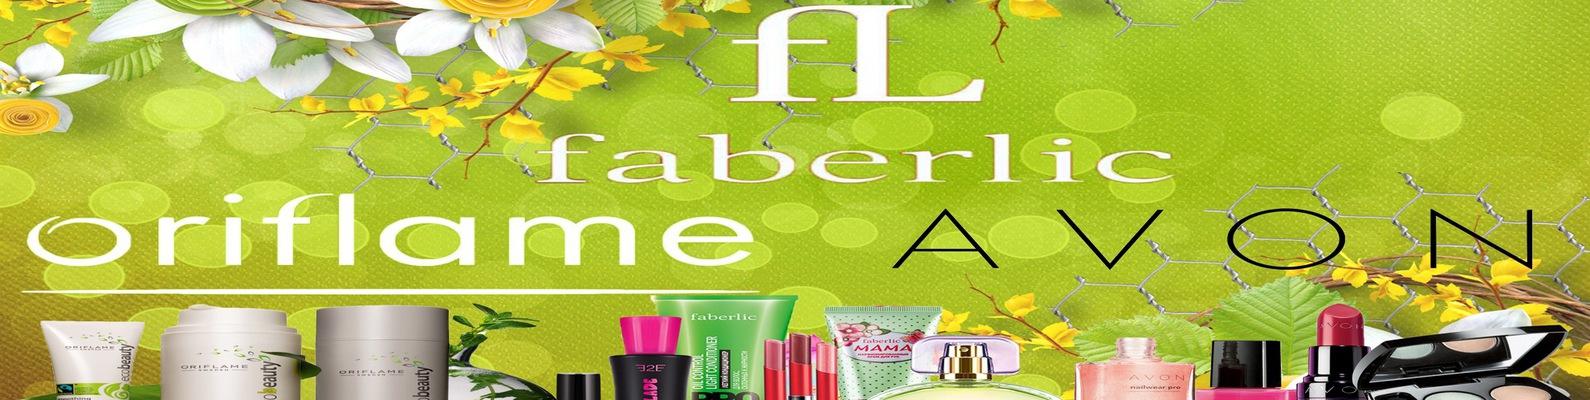 Отзывы о косметике эйвон фаберлик орифлейм детская косметика для девочек наборы купить в магазине